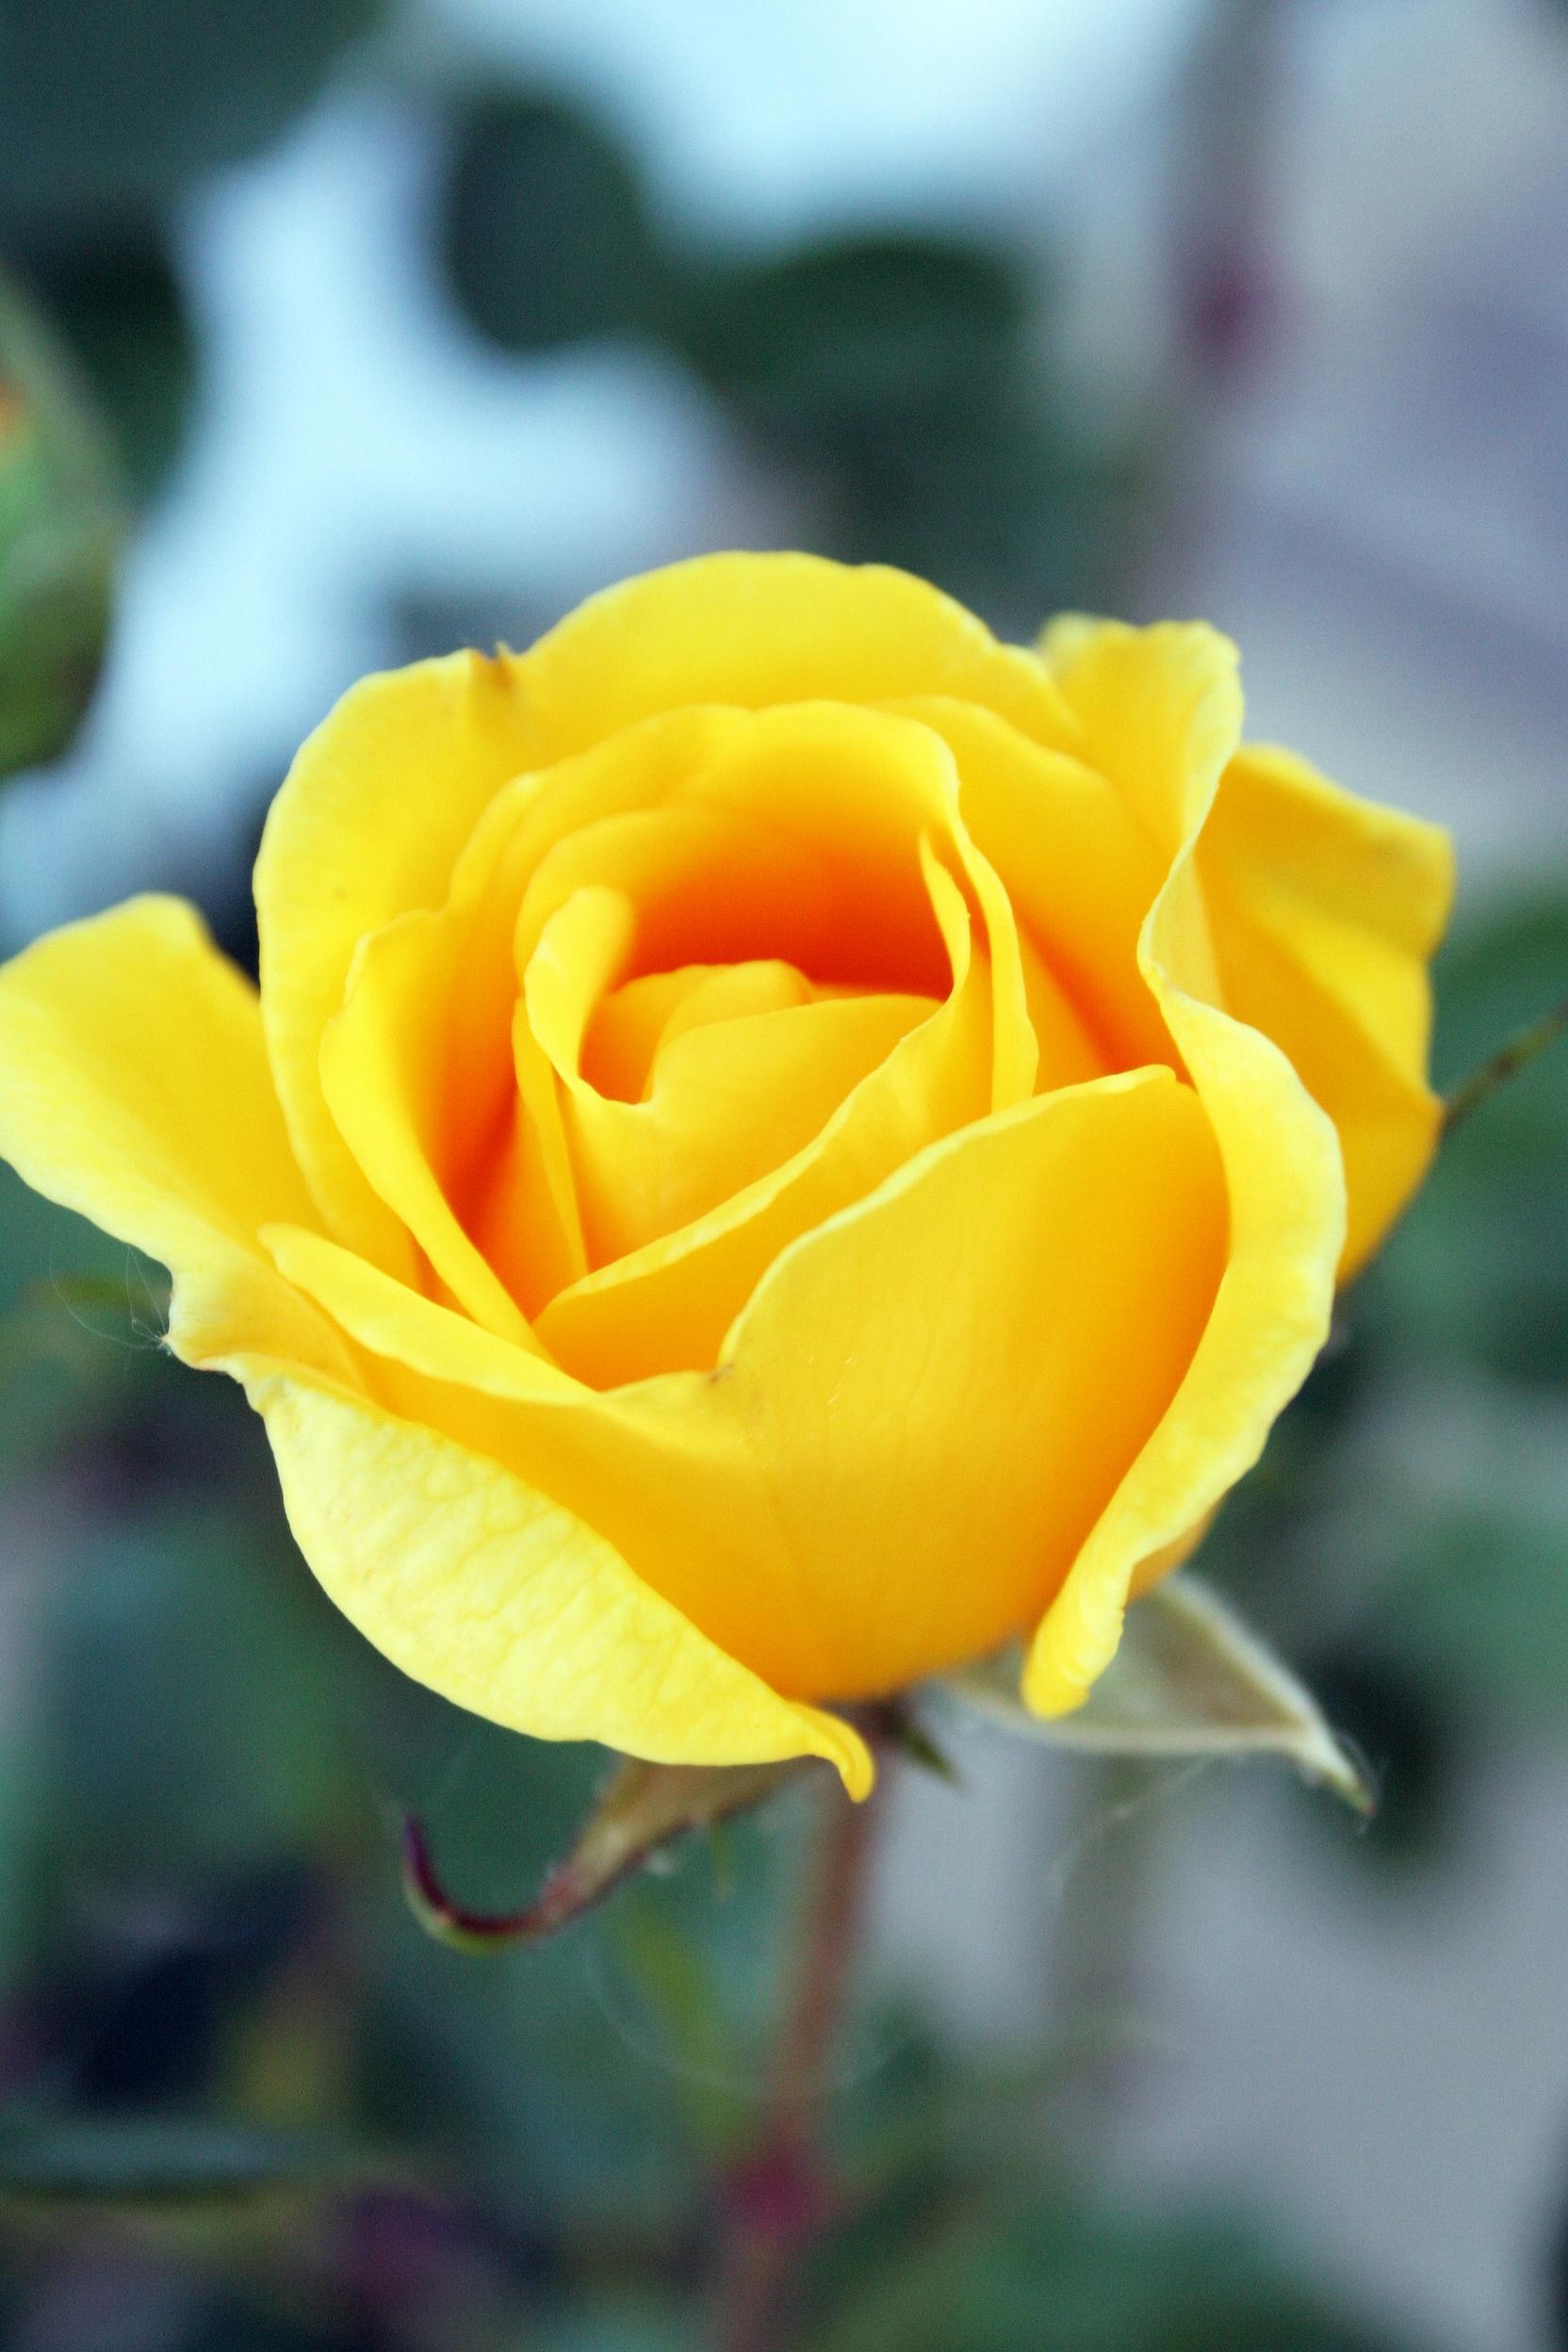 Các hình ảnh hoa hồng vàng đẹp